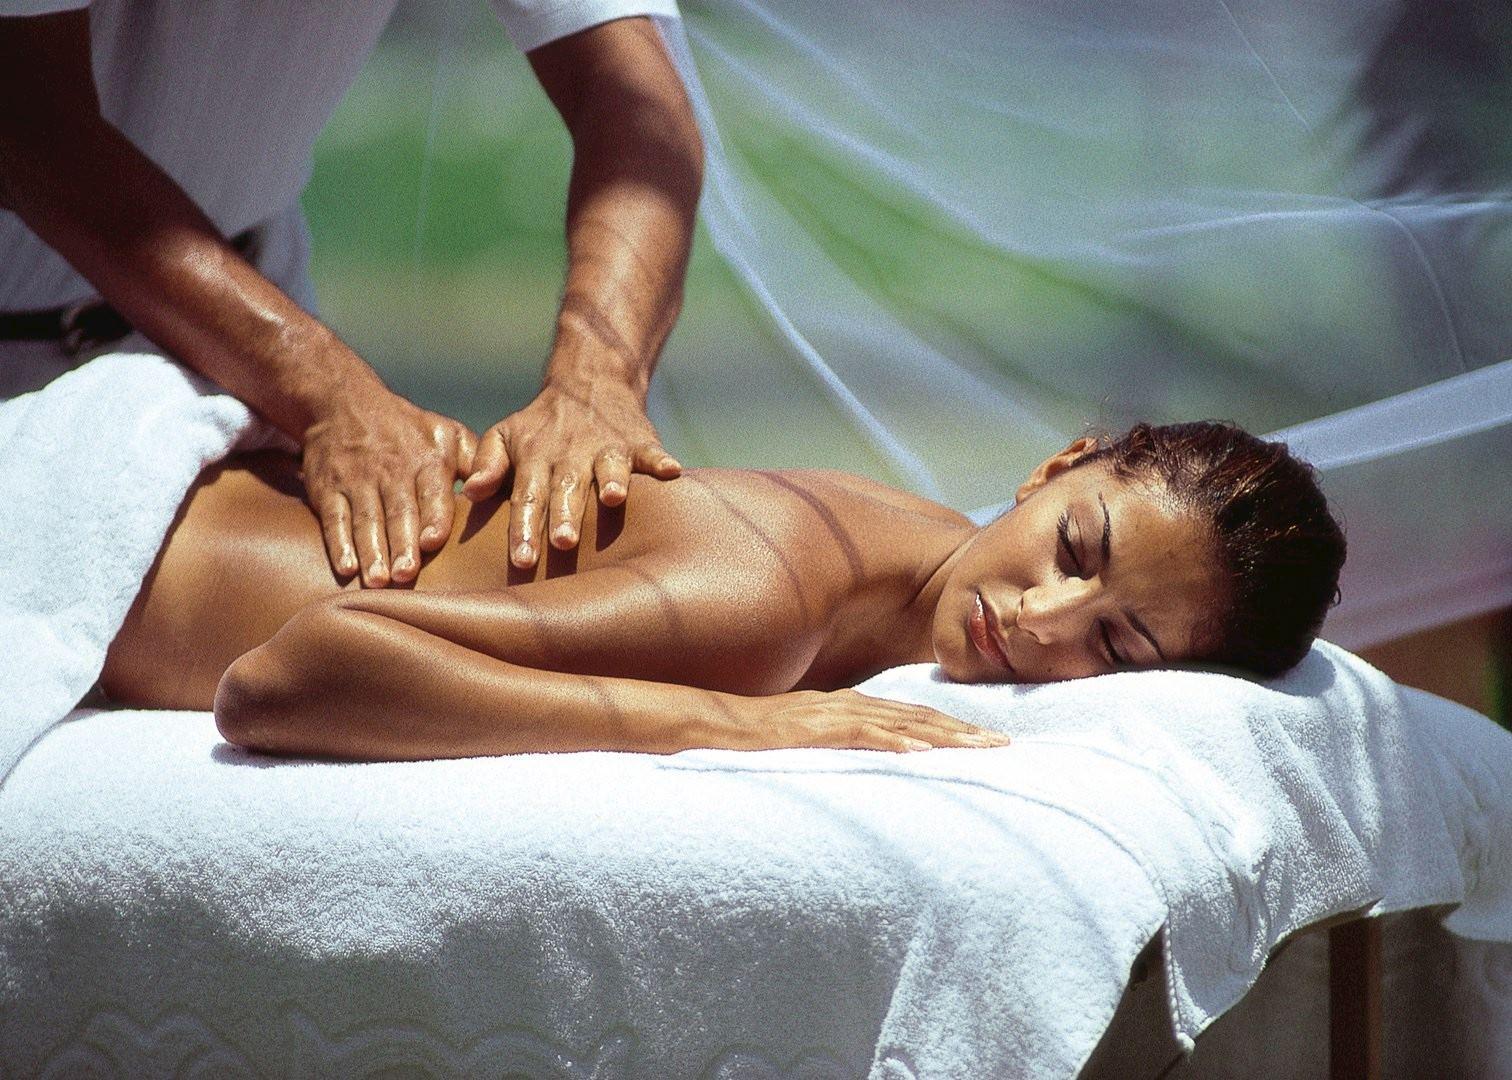 Секс лучшее с массажем, Лучшее порно массаж смотреть онлайн бесплатно 15 фотография